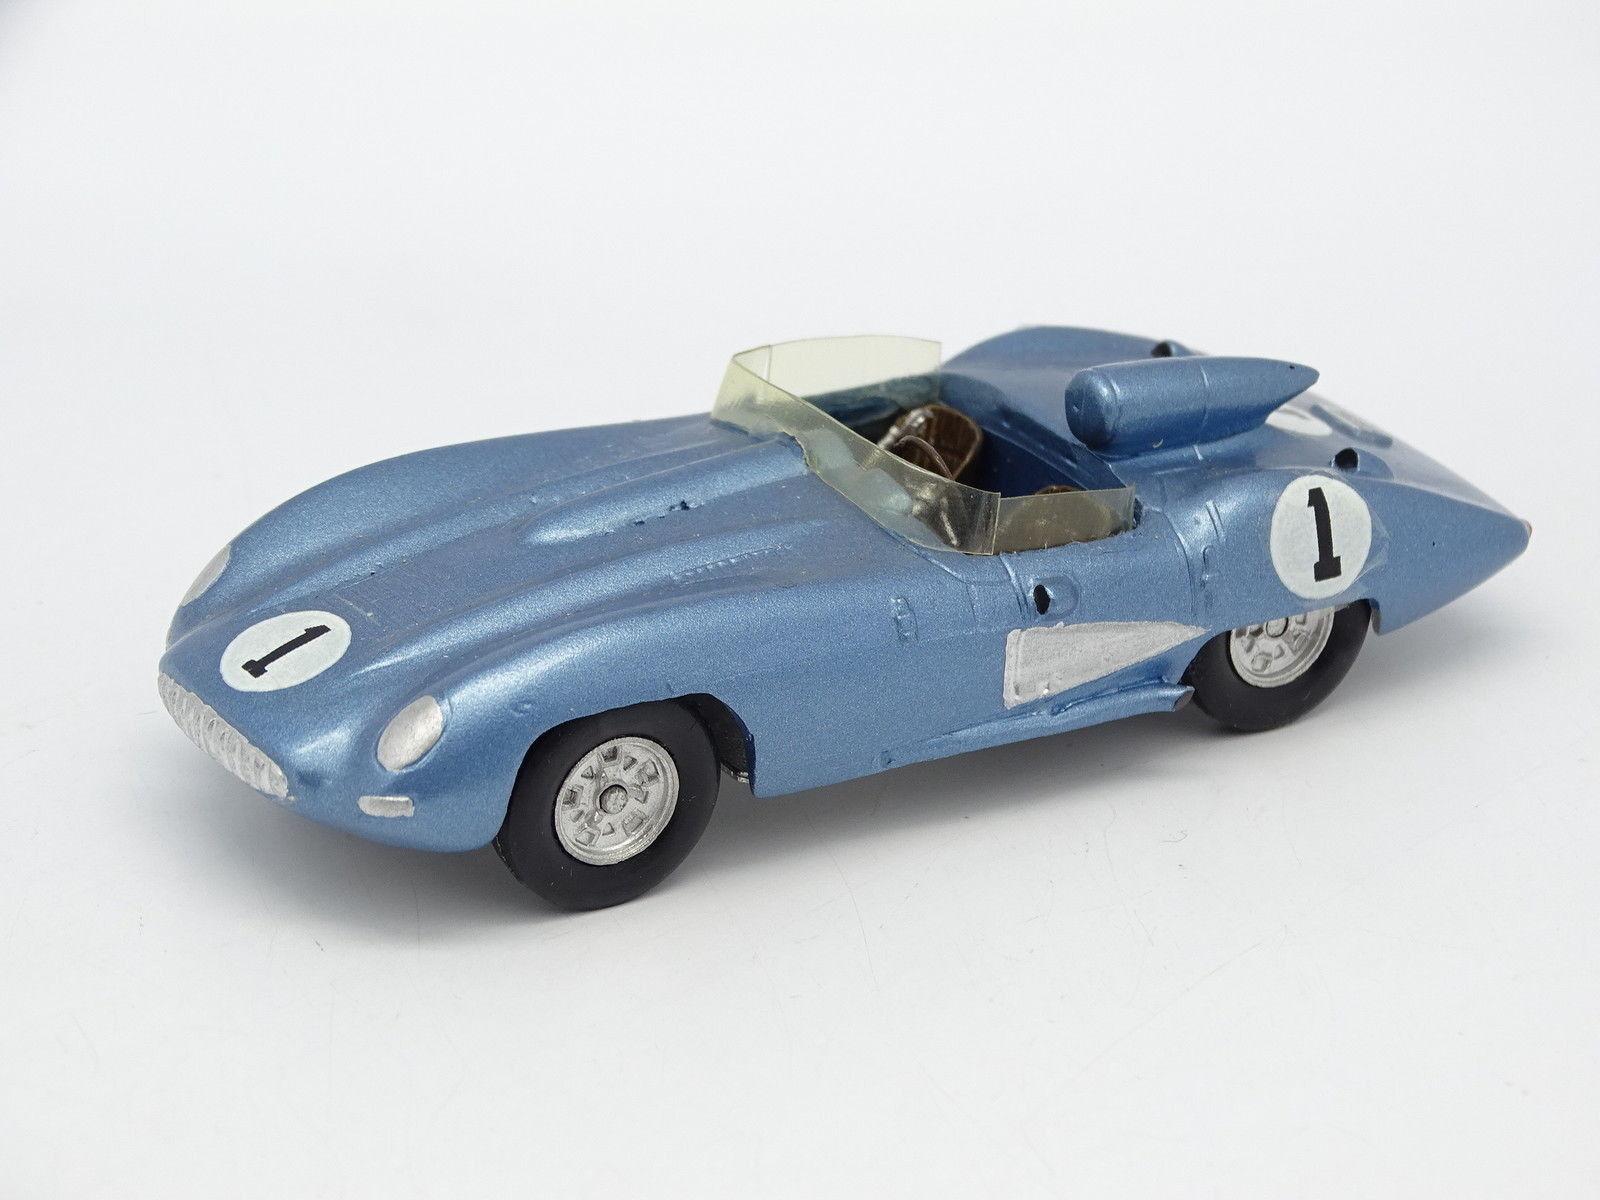 Classic voitures Kit Monté Métal 1 43 -  Chevrolet Corvette SS Sebbague 1957  mode